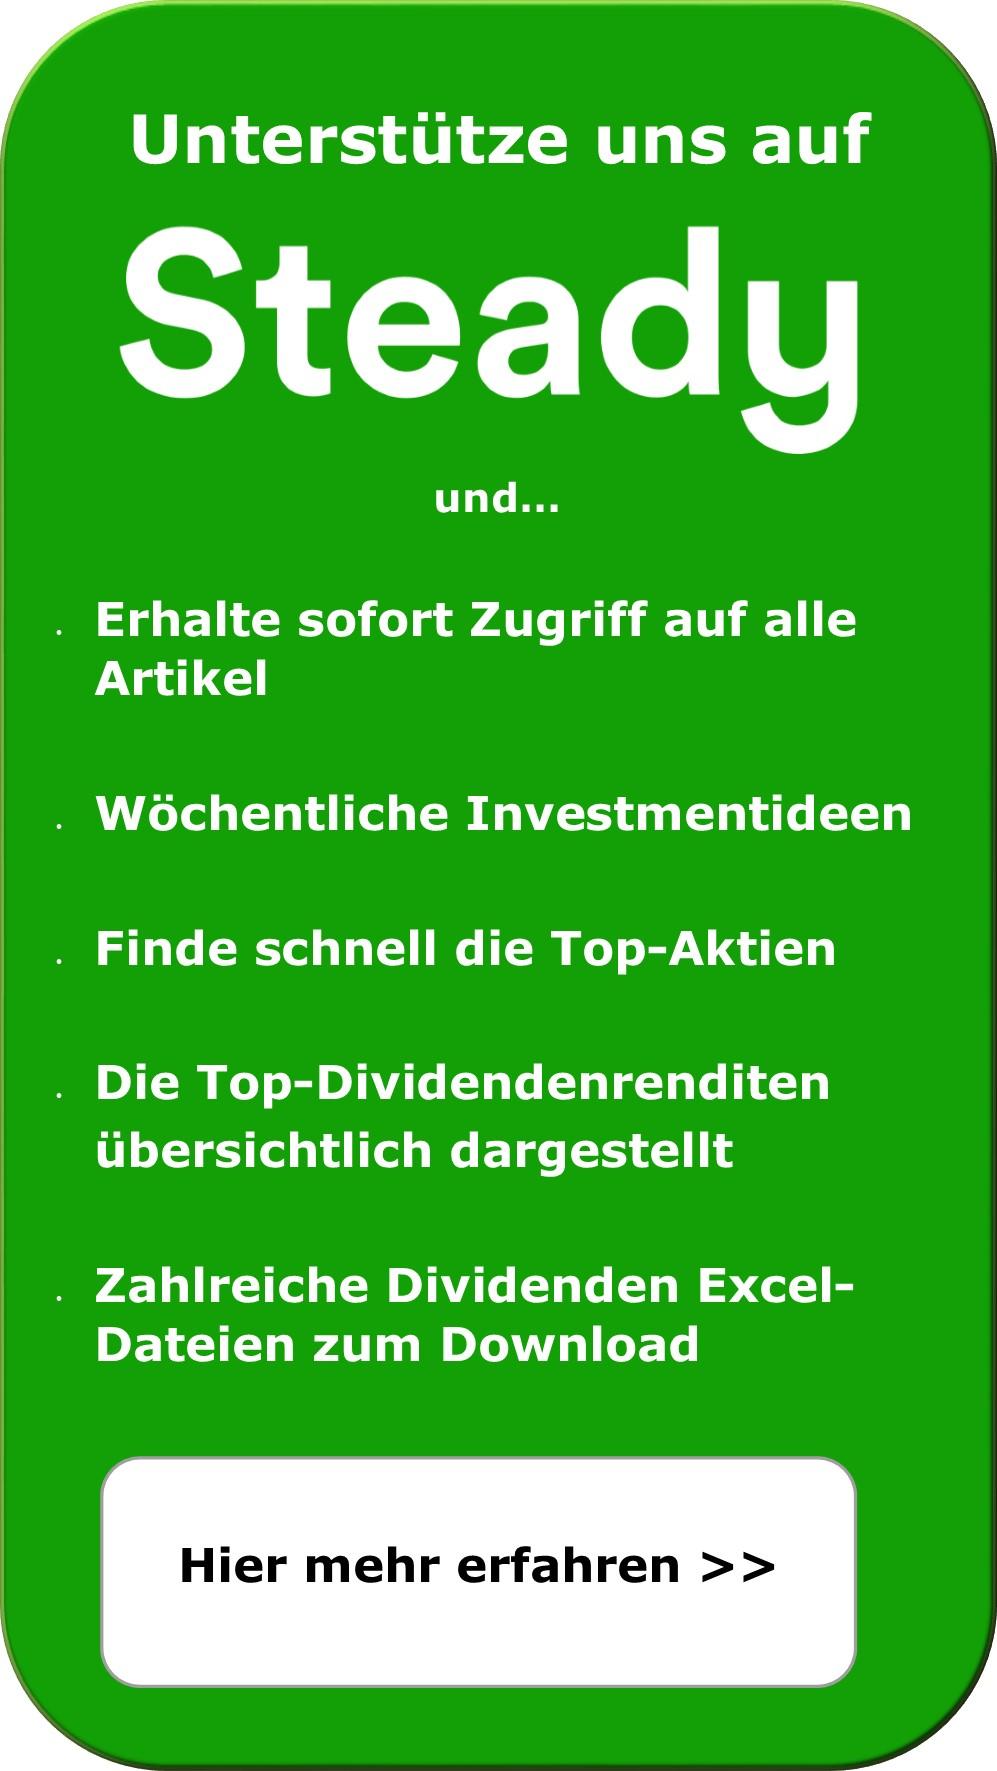 Werde ein Unterstützer von AktienKost.de